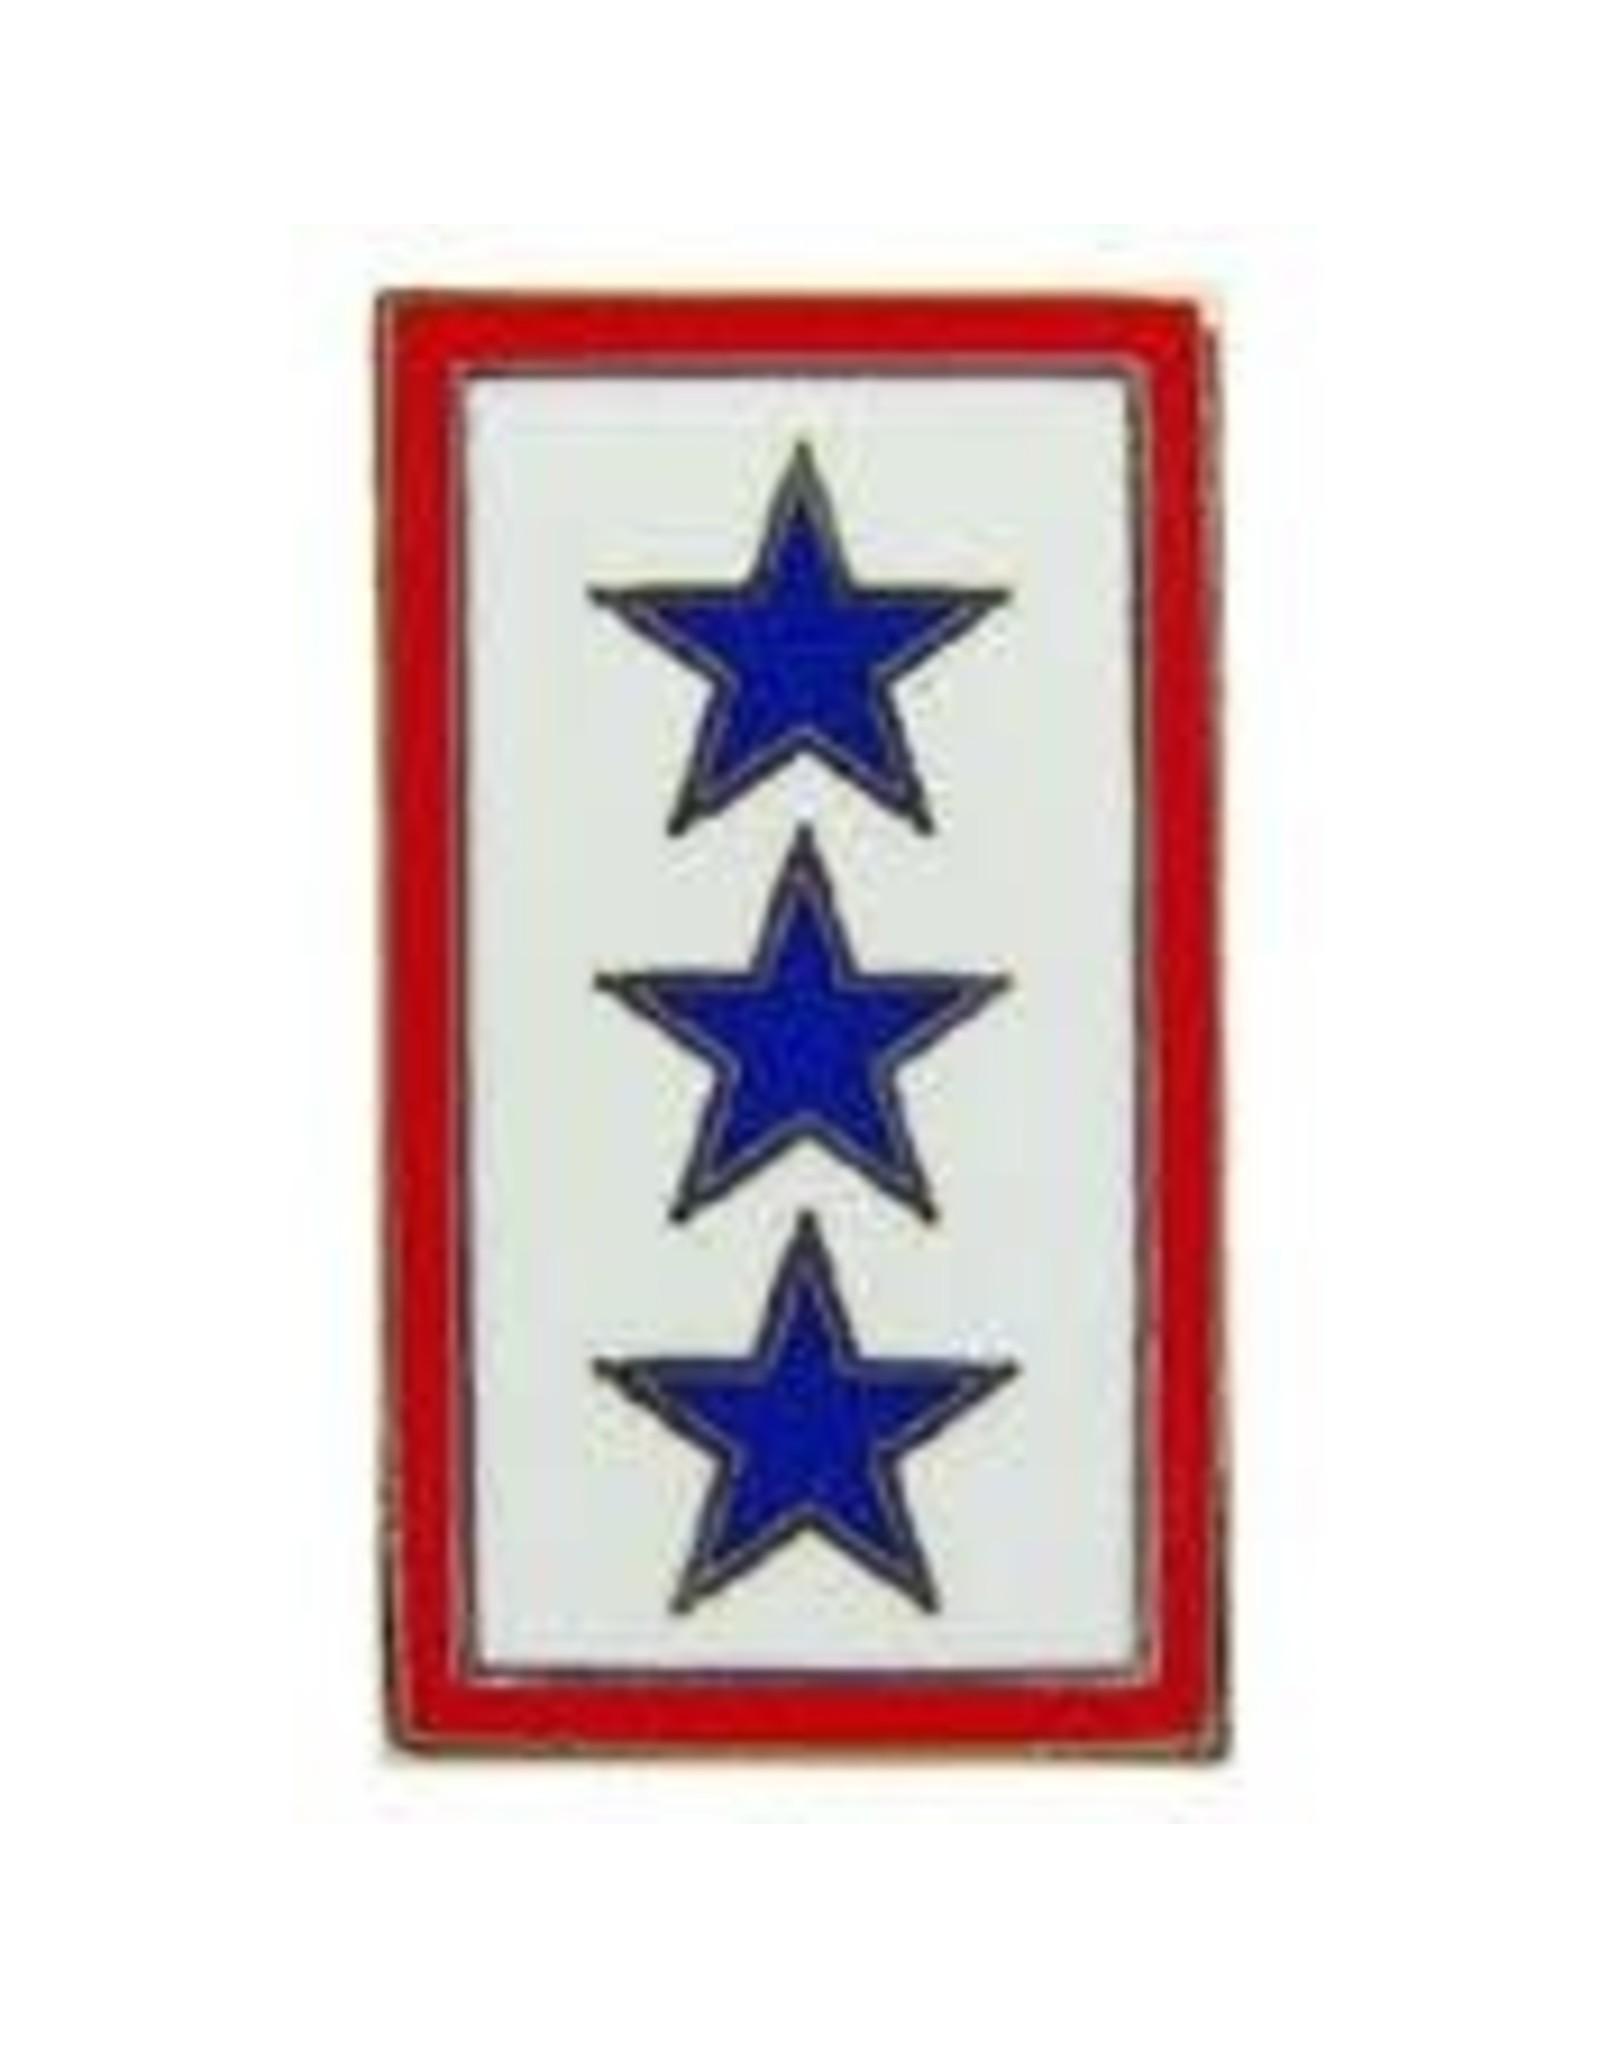 Pin - Family Member in Service 3 Blue Stars